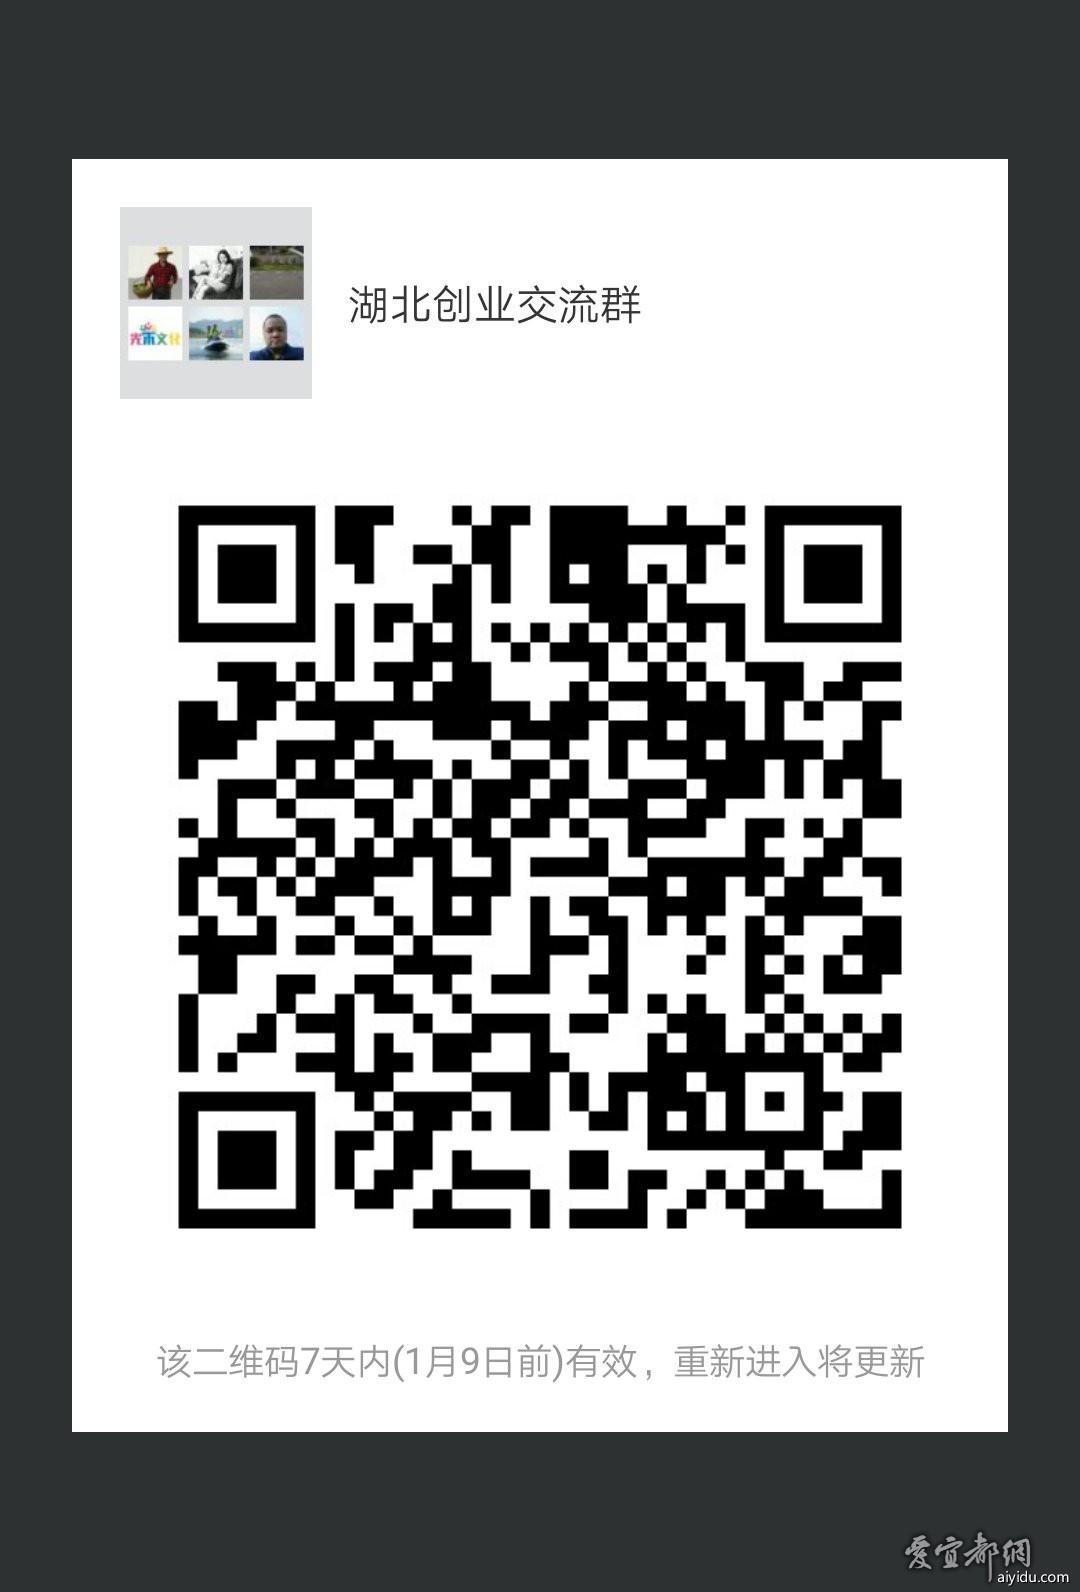 微信图片_20190102013216.jpg